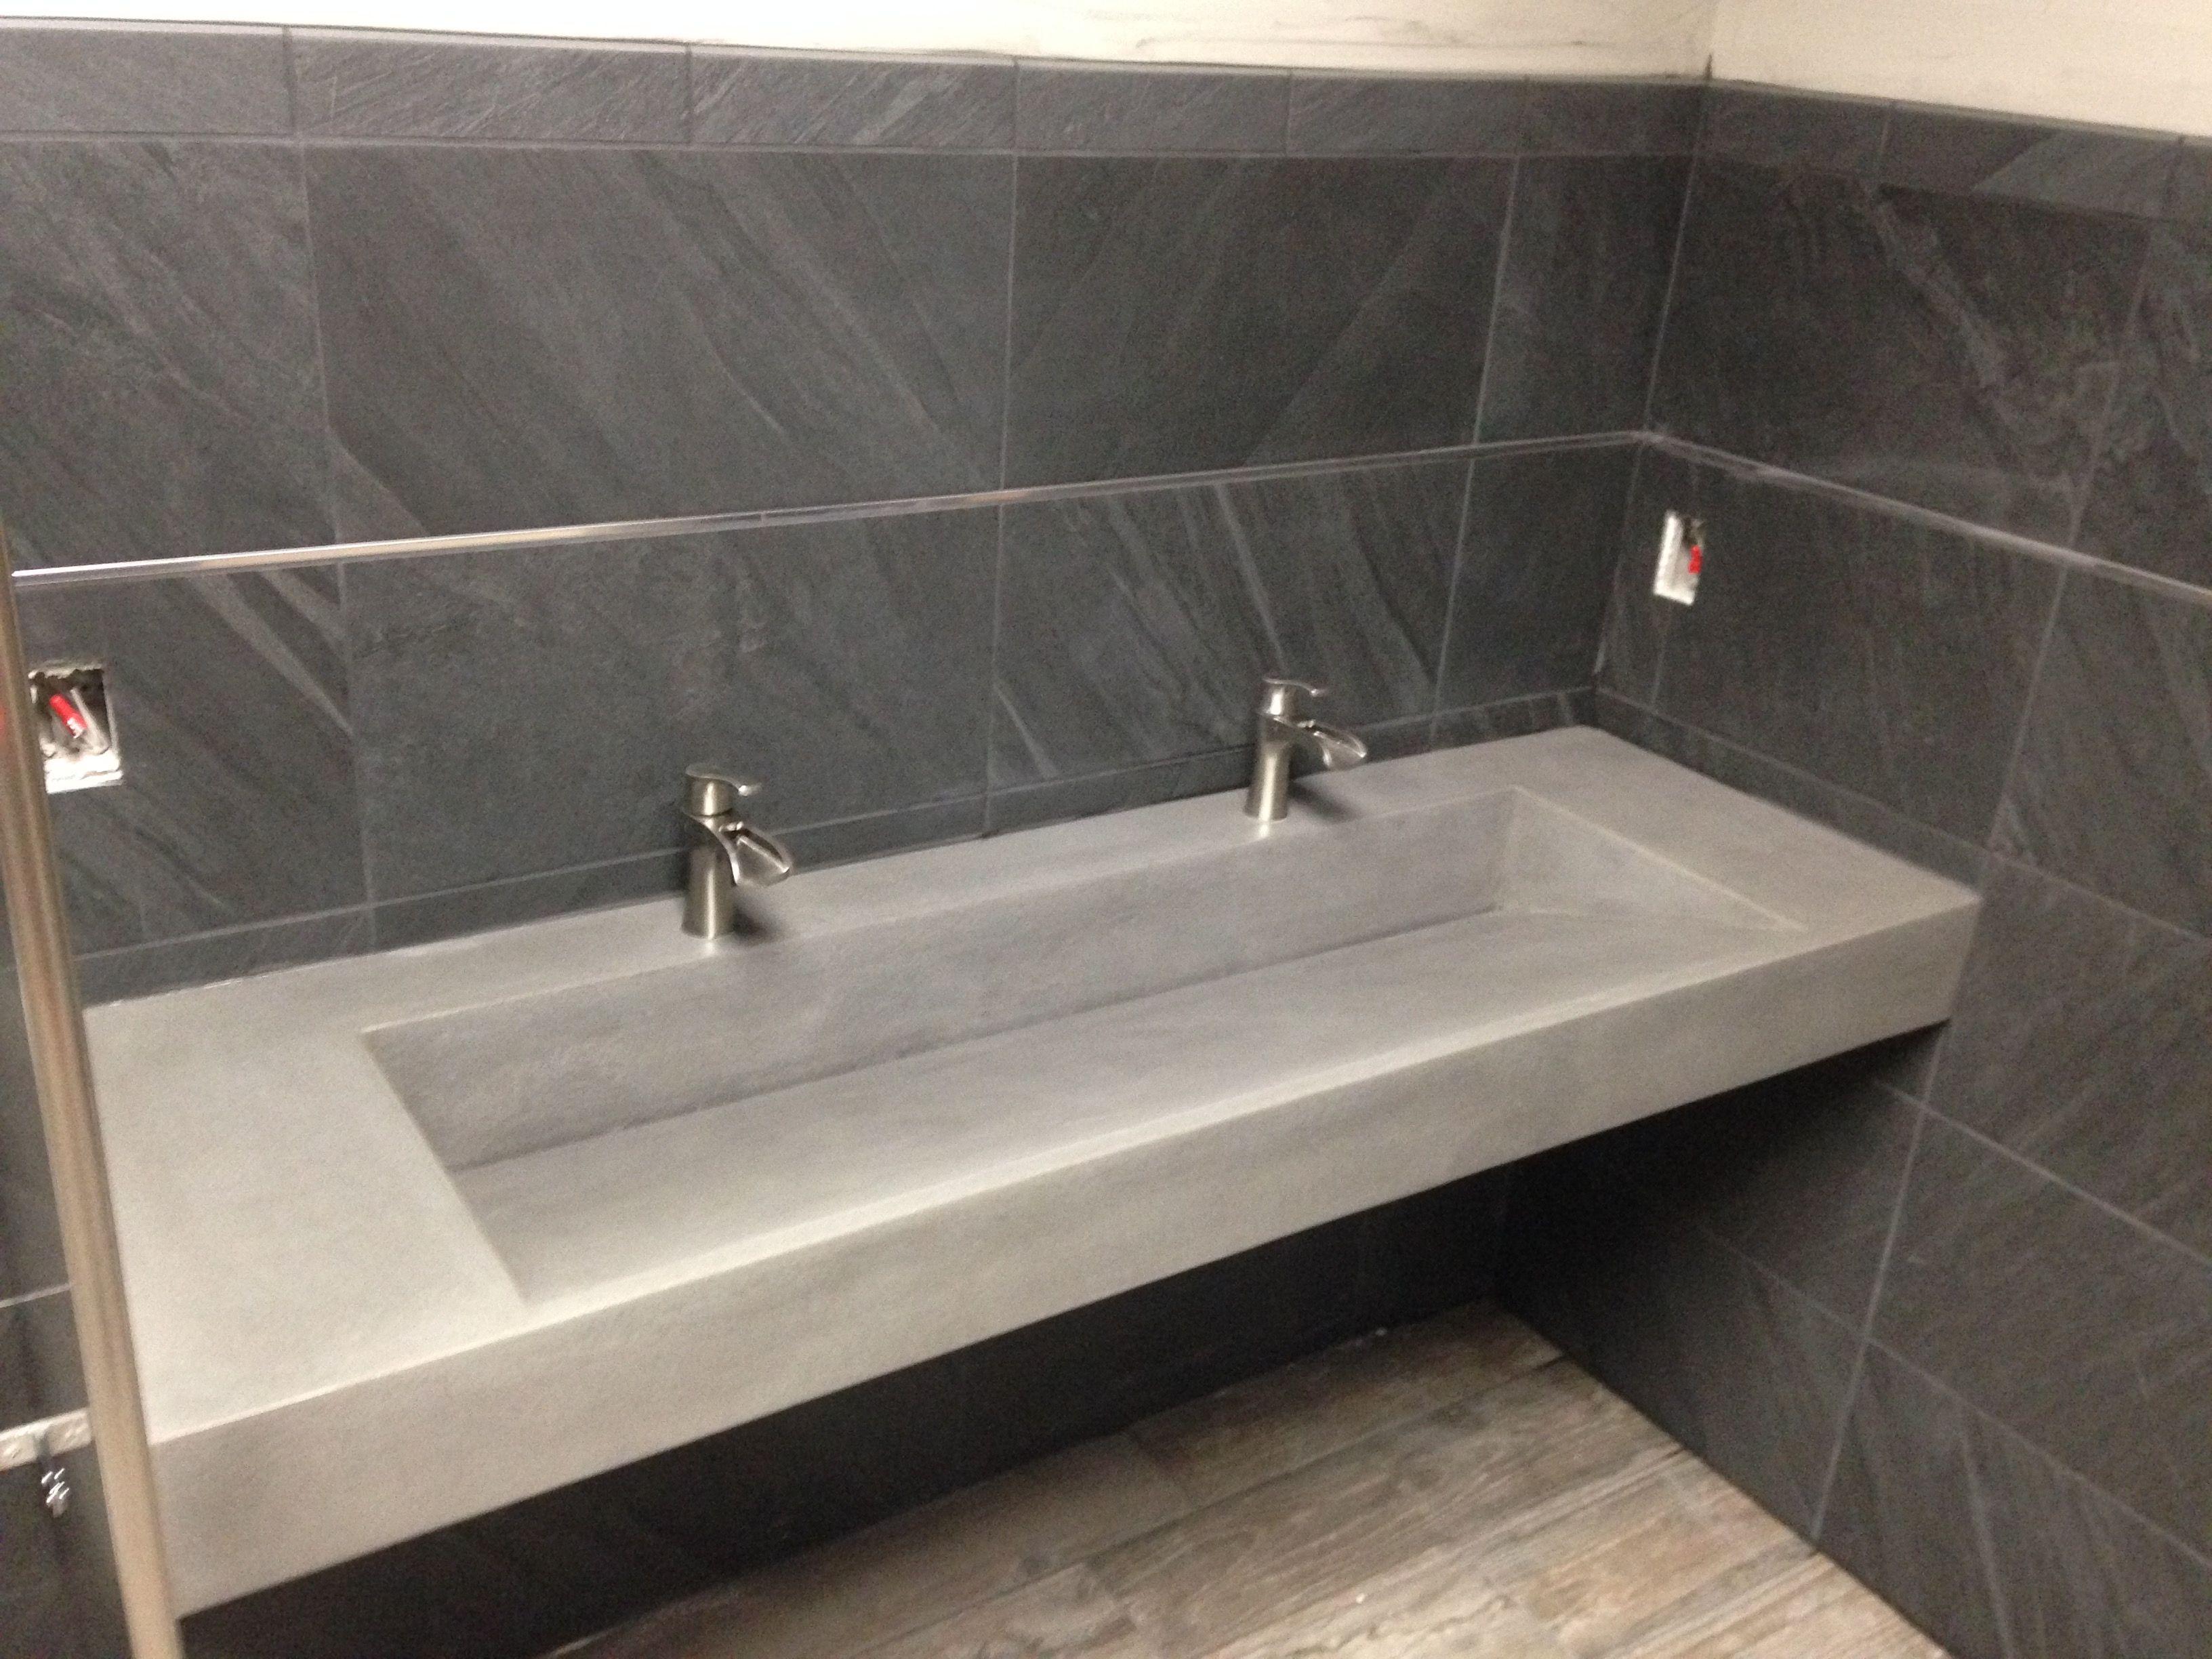 Concrete Fire Pits Minneapolis MN Concrete Bathroom Concrete And - Ada compliant floor tiles